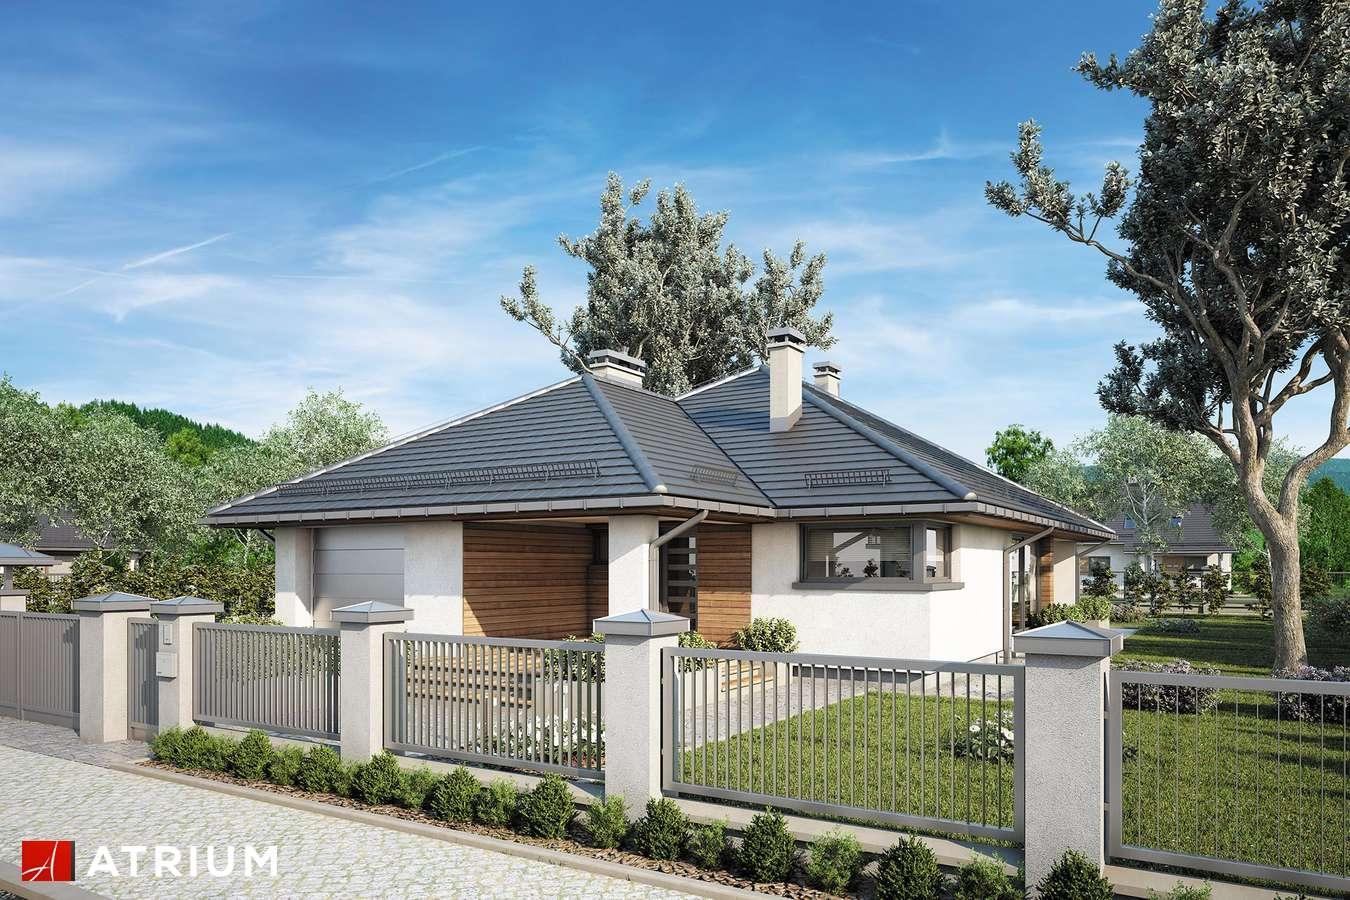 Projekty domów - Projekt domu parterowego KRASKA - wizualizacja 1 - wersja lustrzana